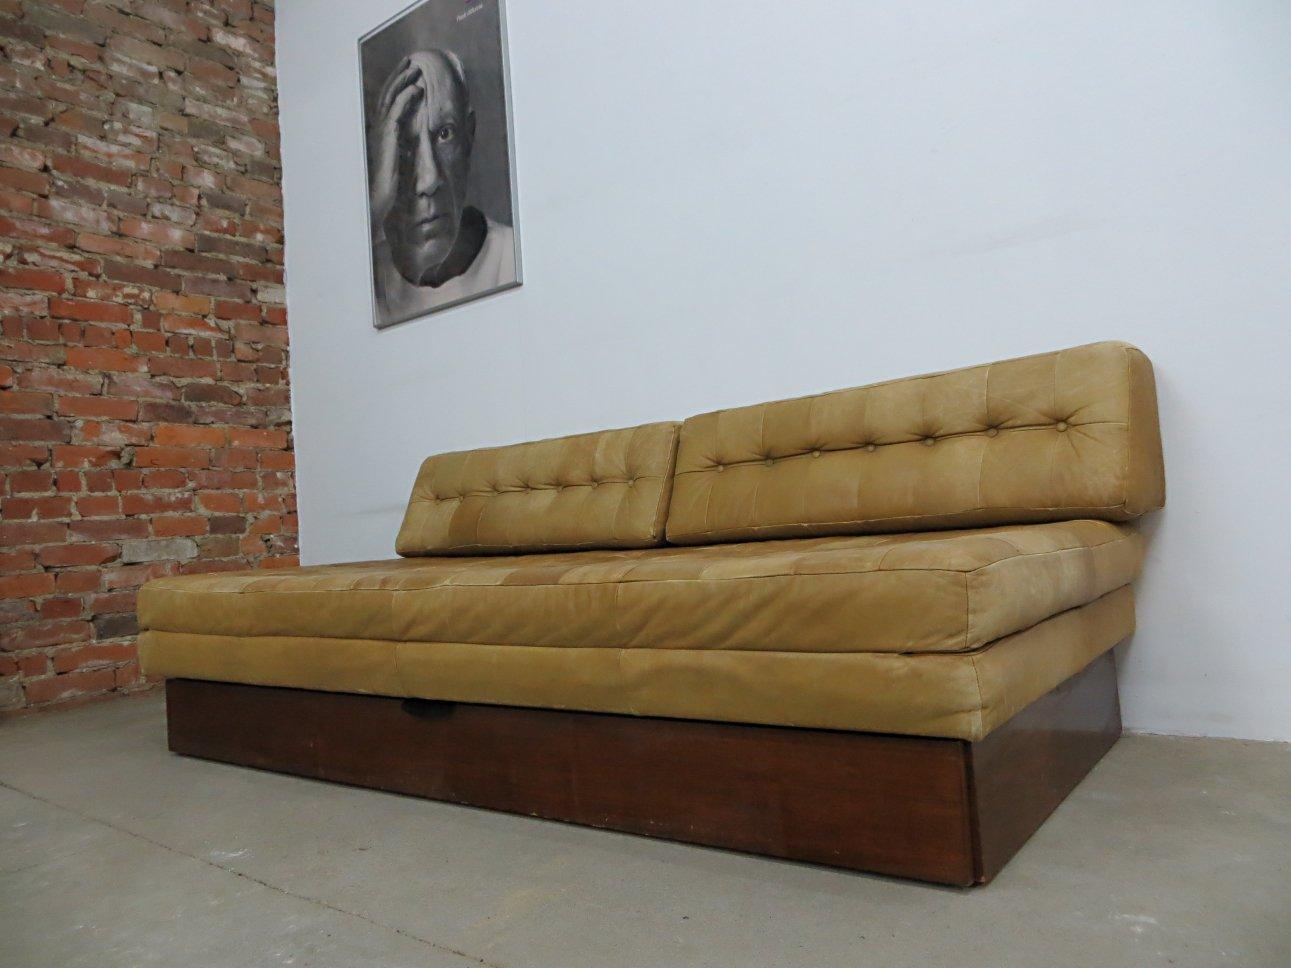 Divano letto vintage in pelle in vendita su pamono - Divano letto retro ...